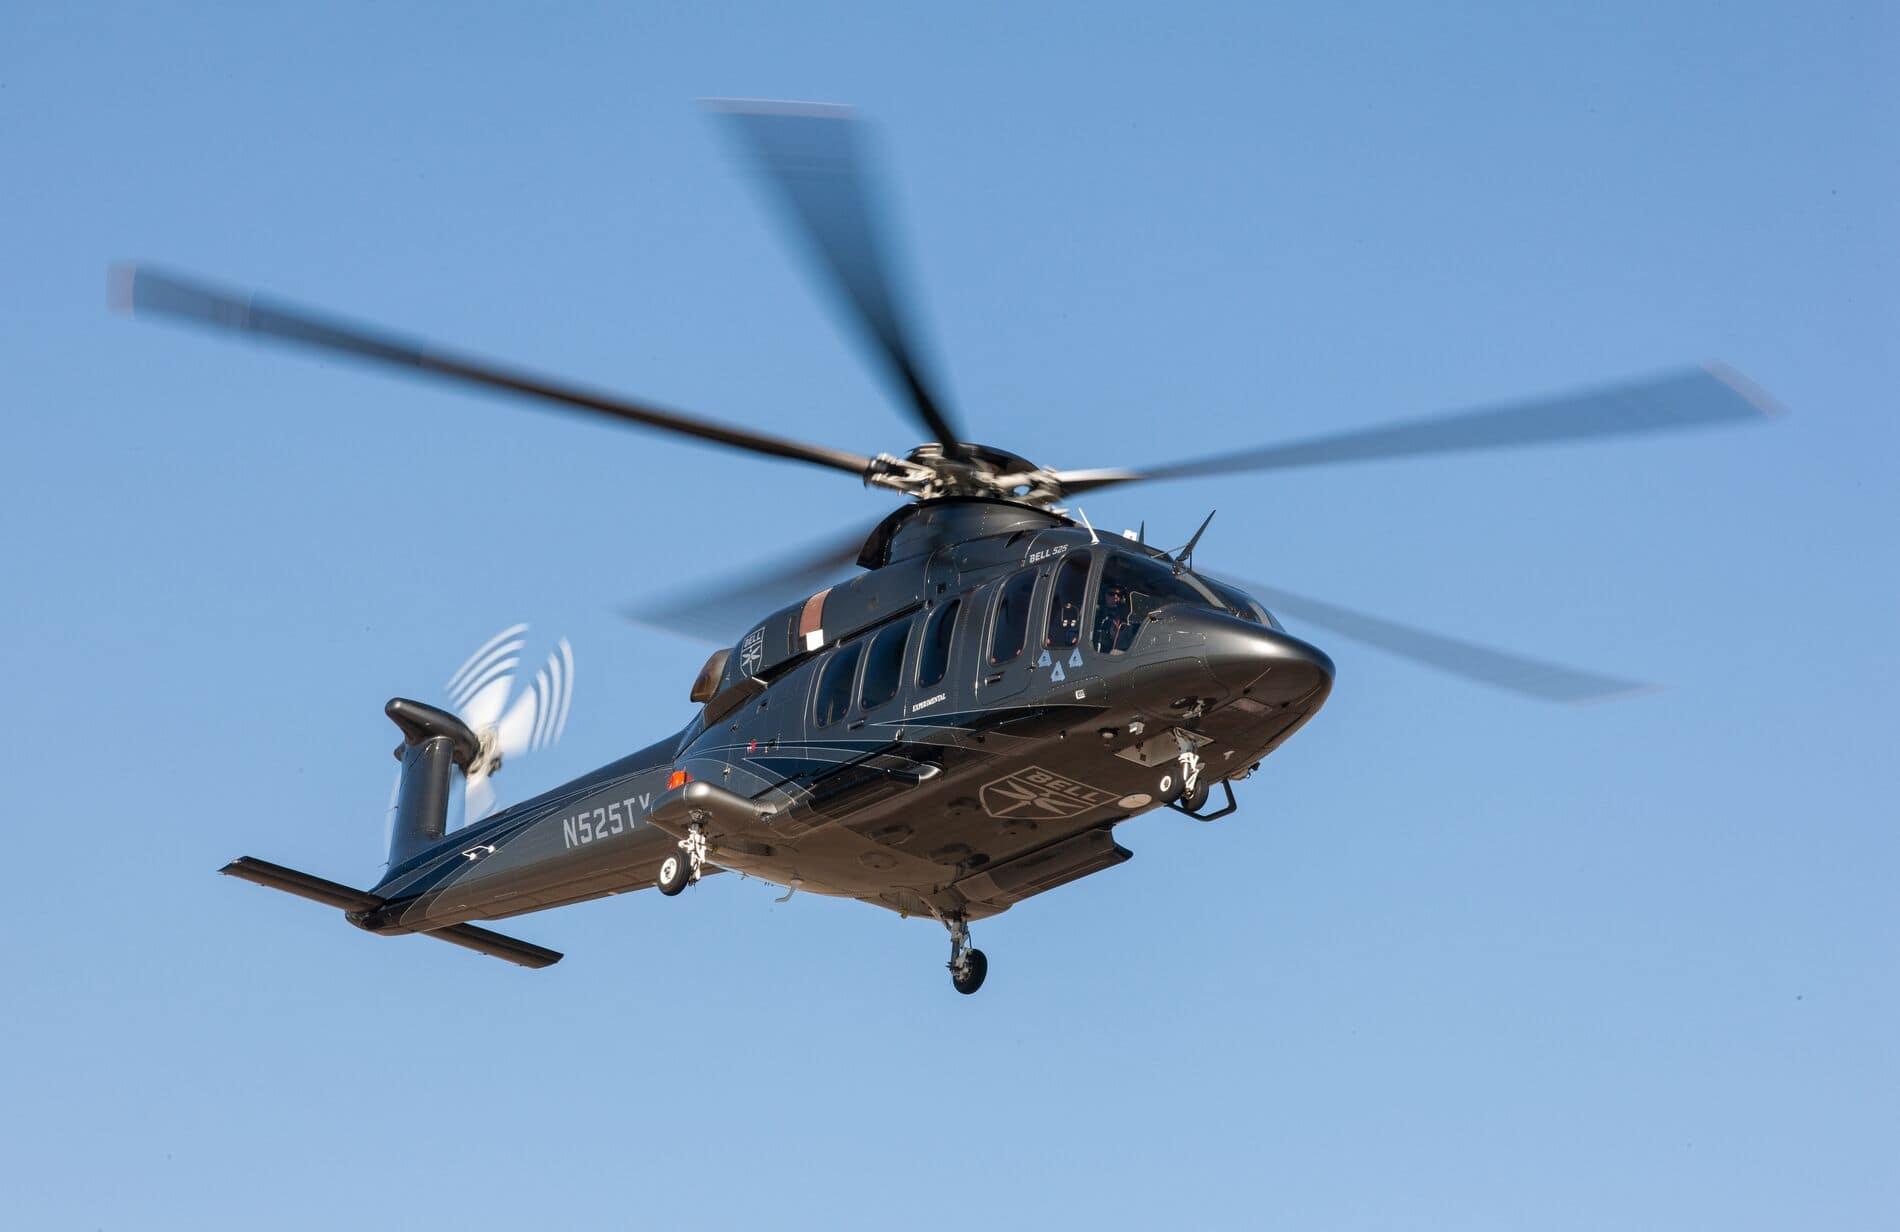 Bell 525 en vuelo - Vista de tres cuartos sobre cielo azul